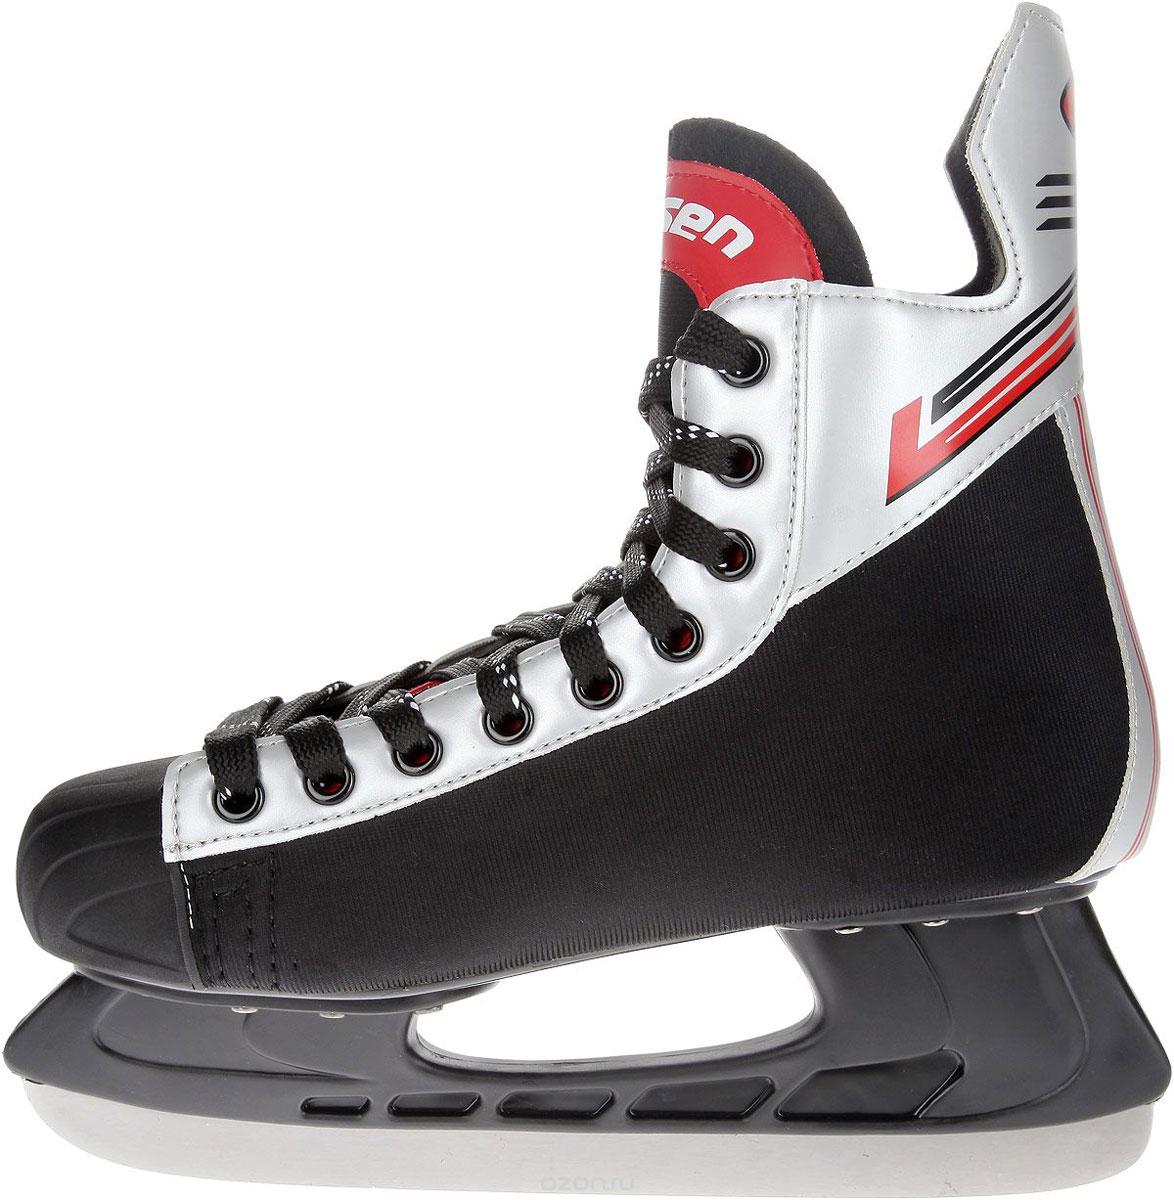 Коньки хоккейные мужские Larsen Alex, цвет: черный, серебристый, красный. Размер 37